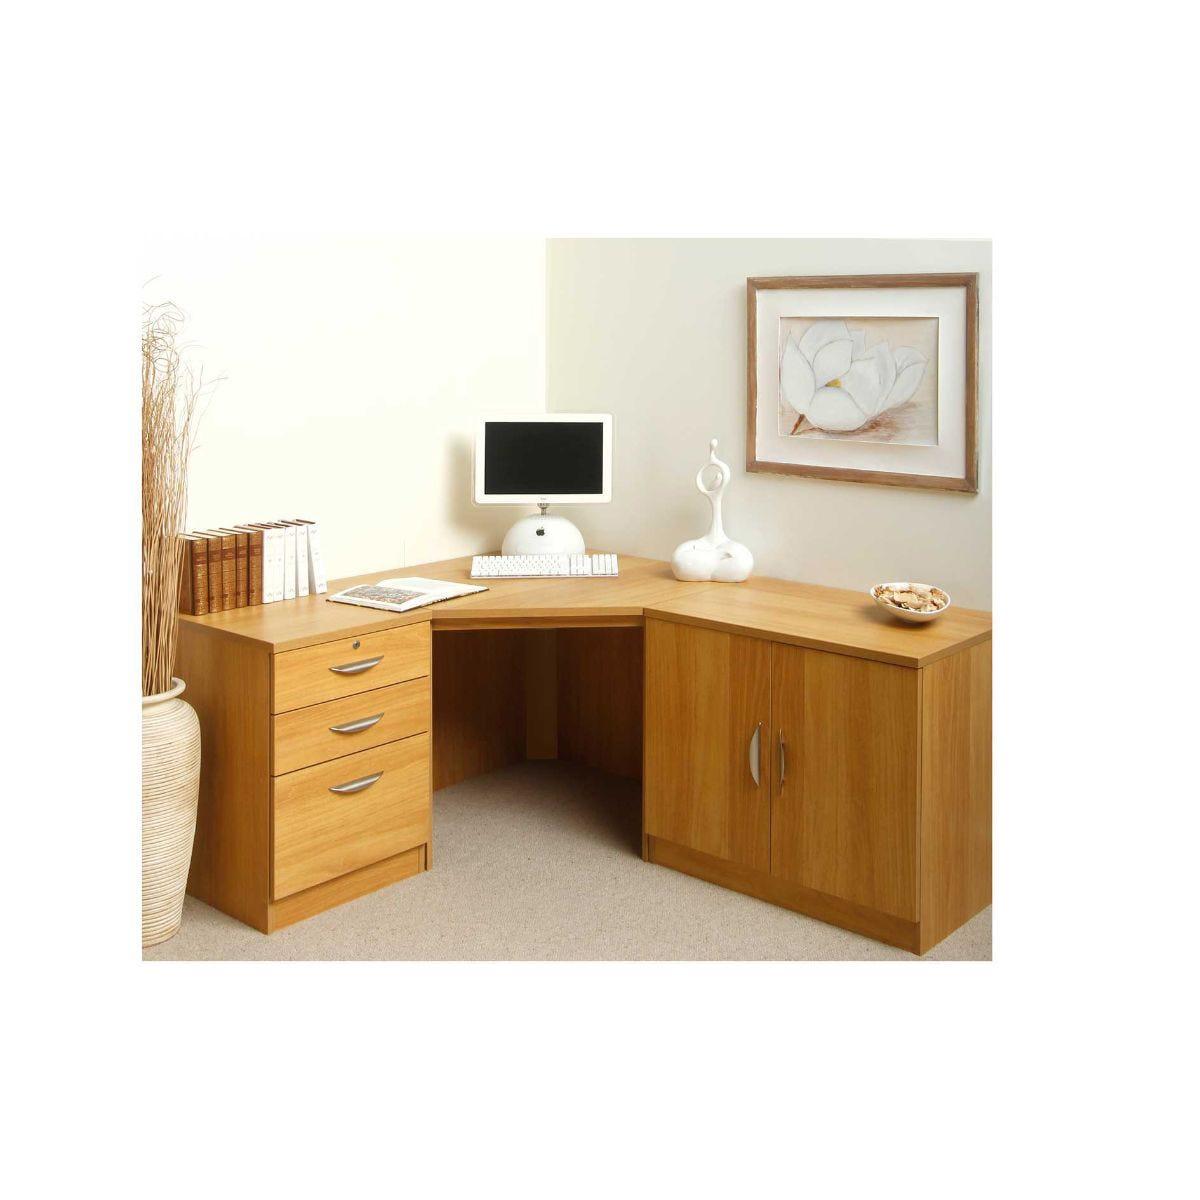 R White Milais Desk Workstation, Teak